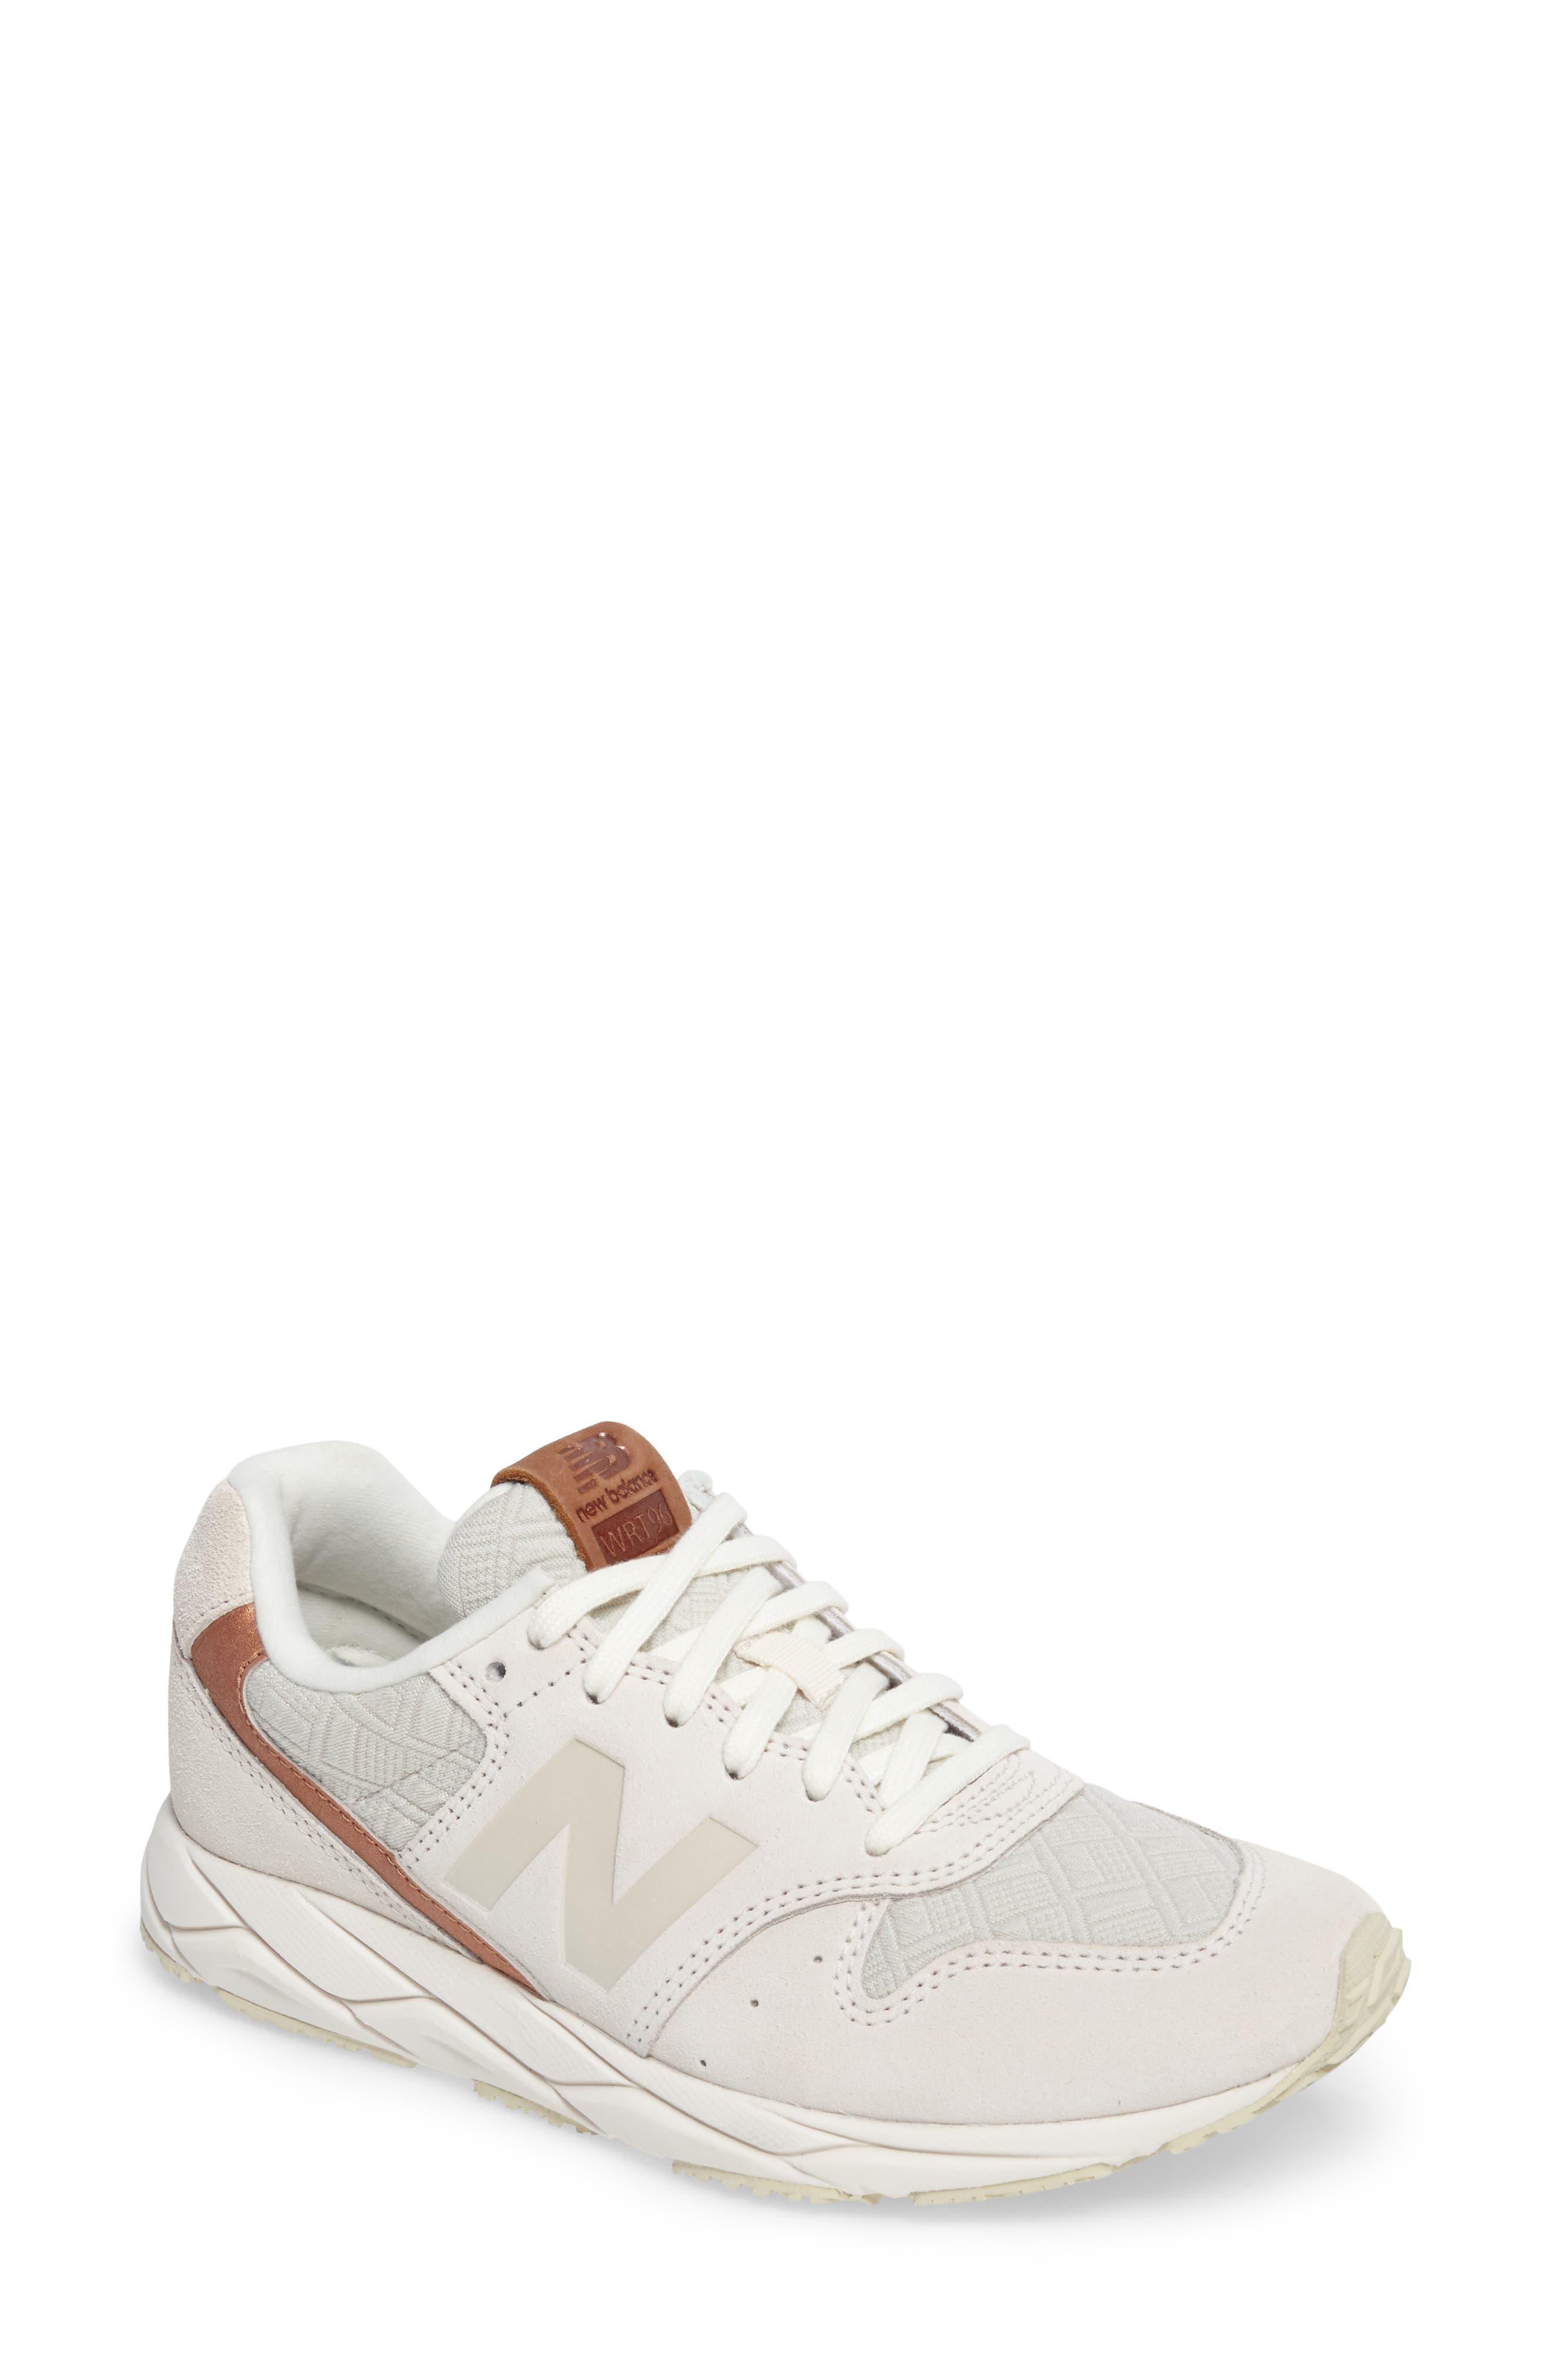 96 Mash-Up Sneaker,                             Main thumbnail 1, color,                             250